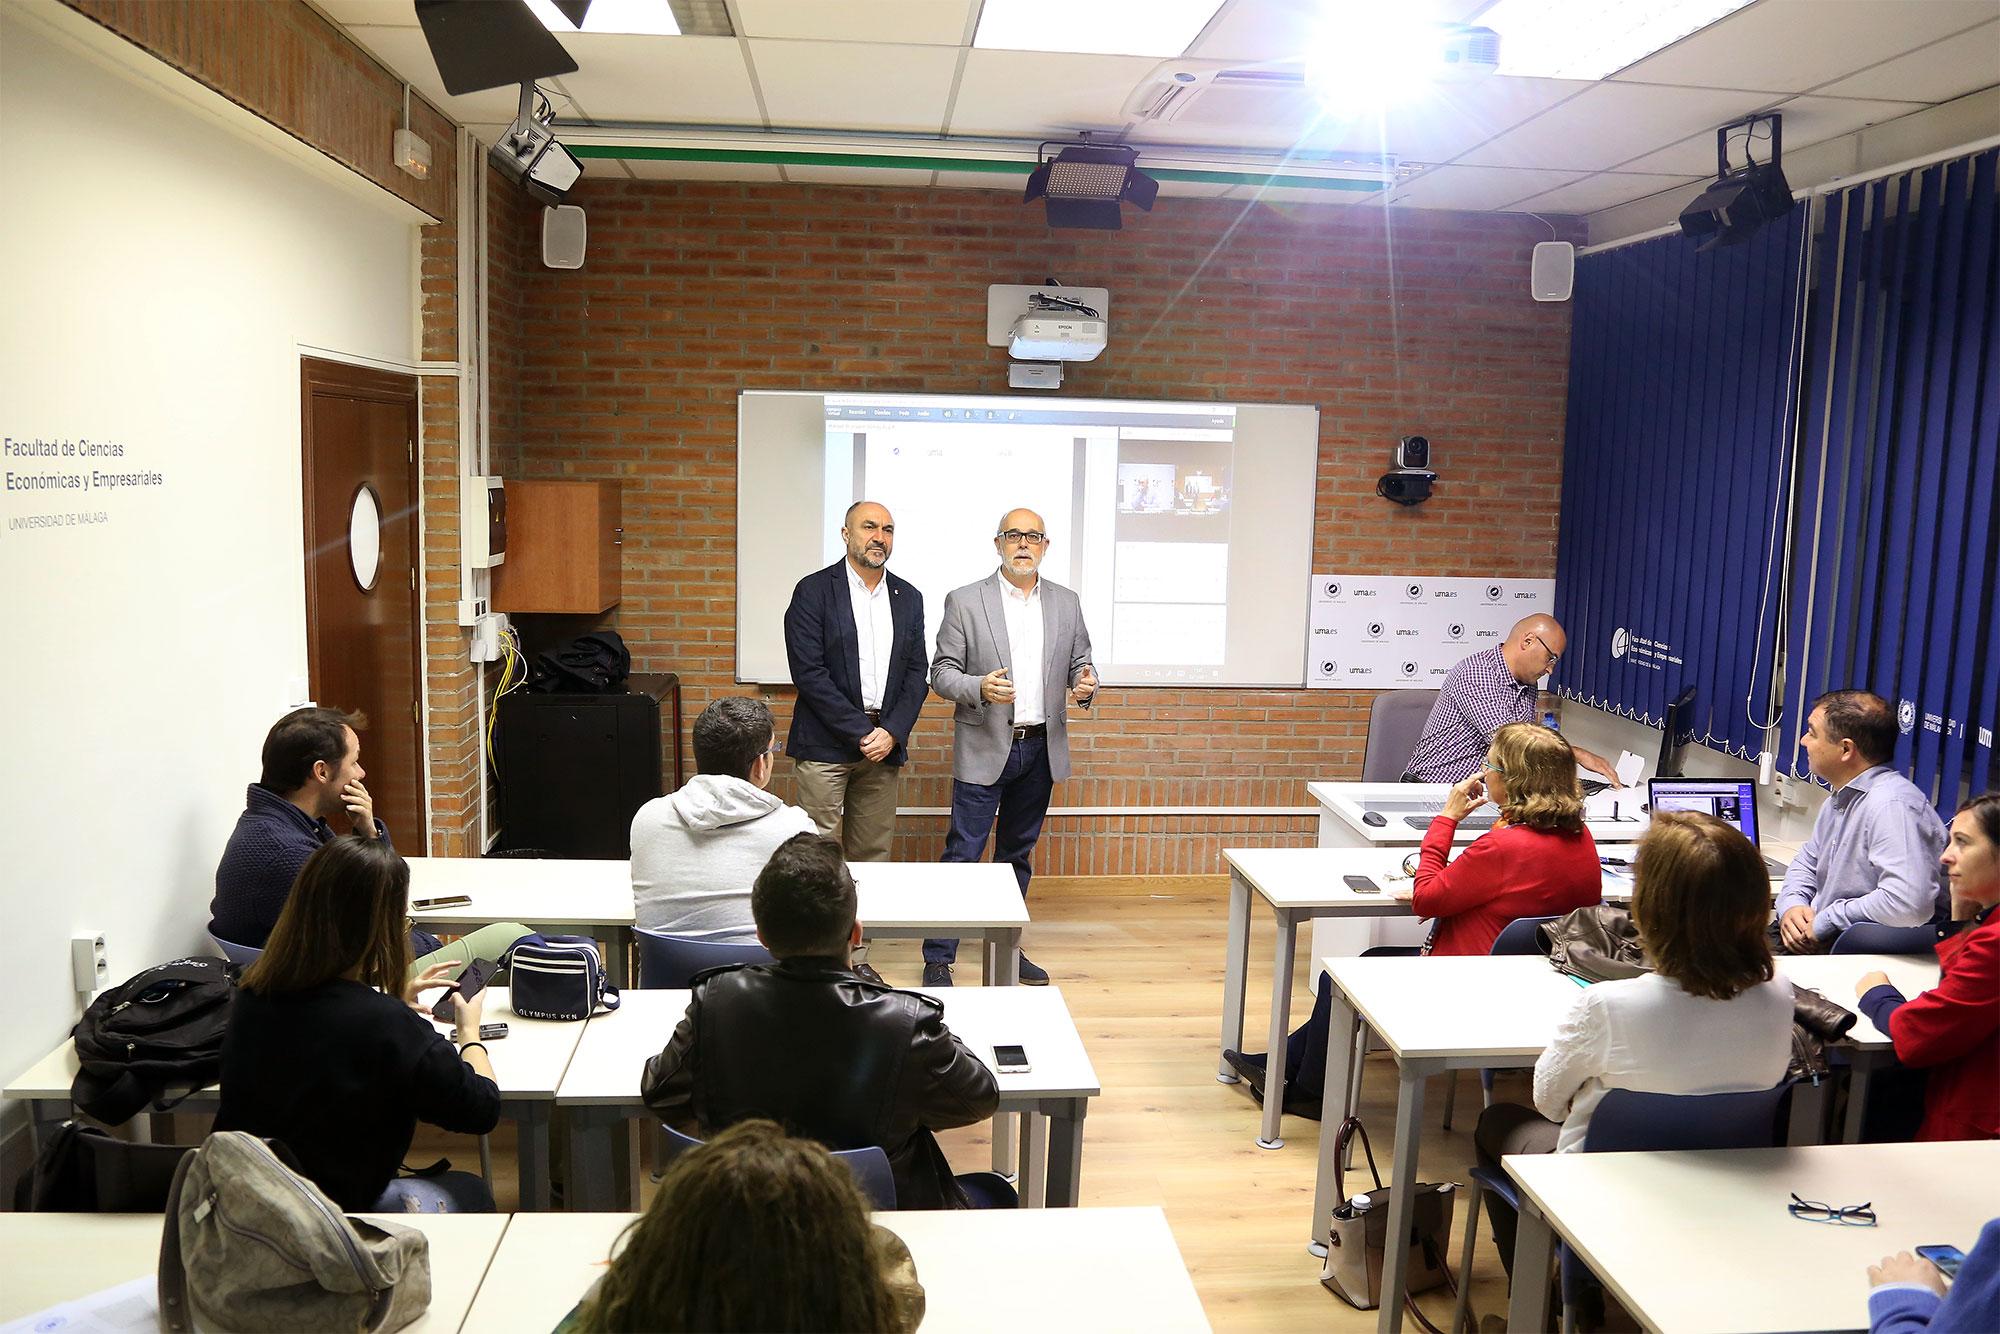 El campus de El Ejido inaugura una nueva aula de docencia avanzada